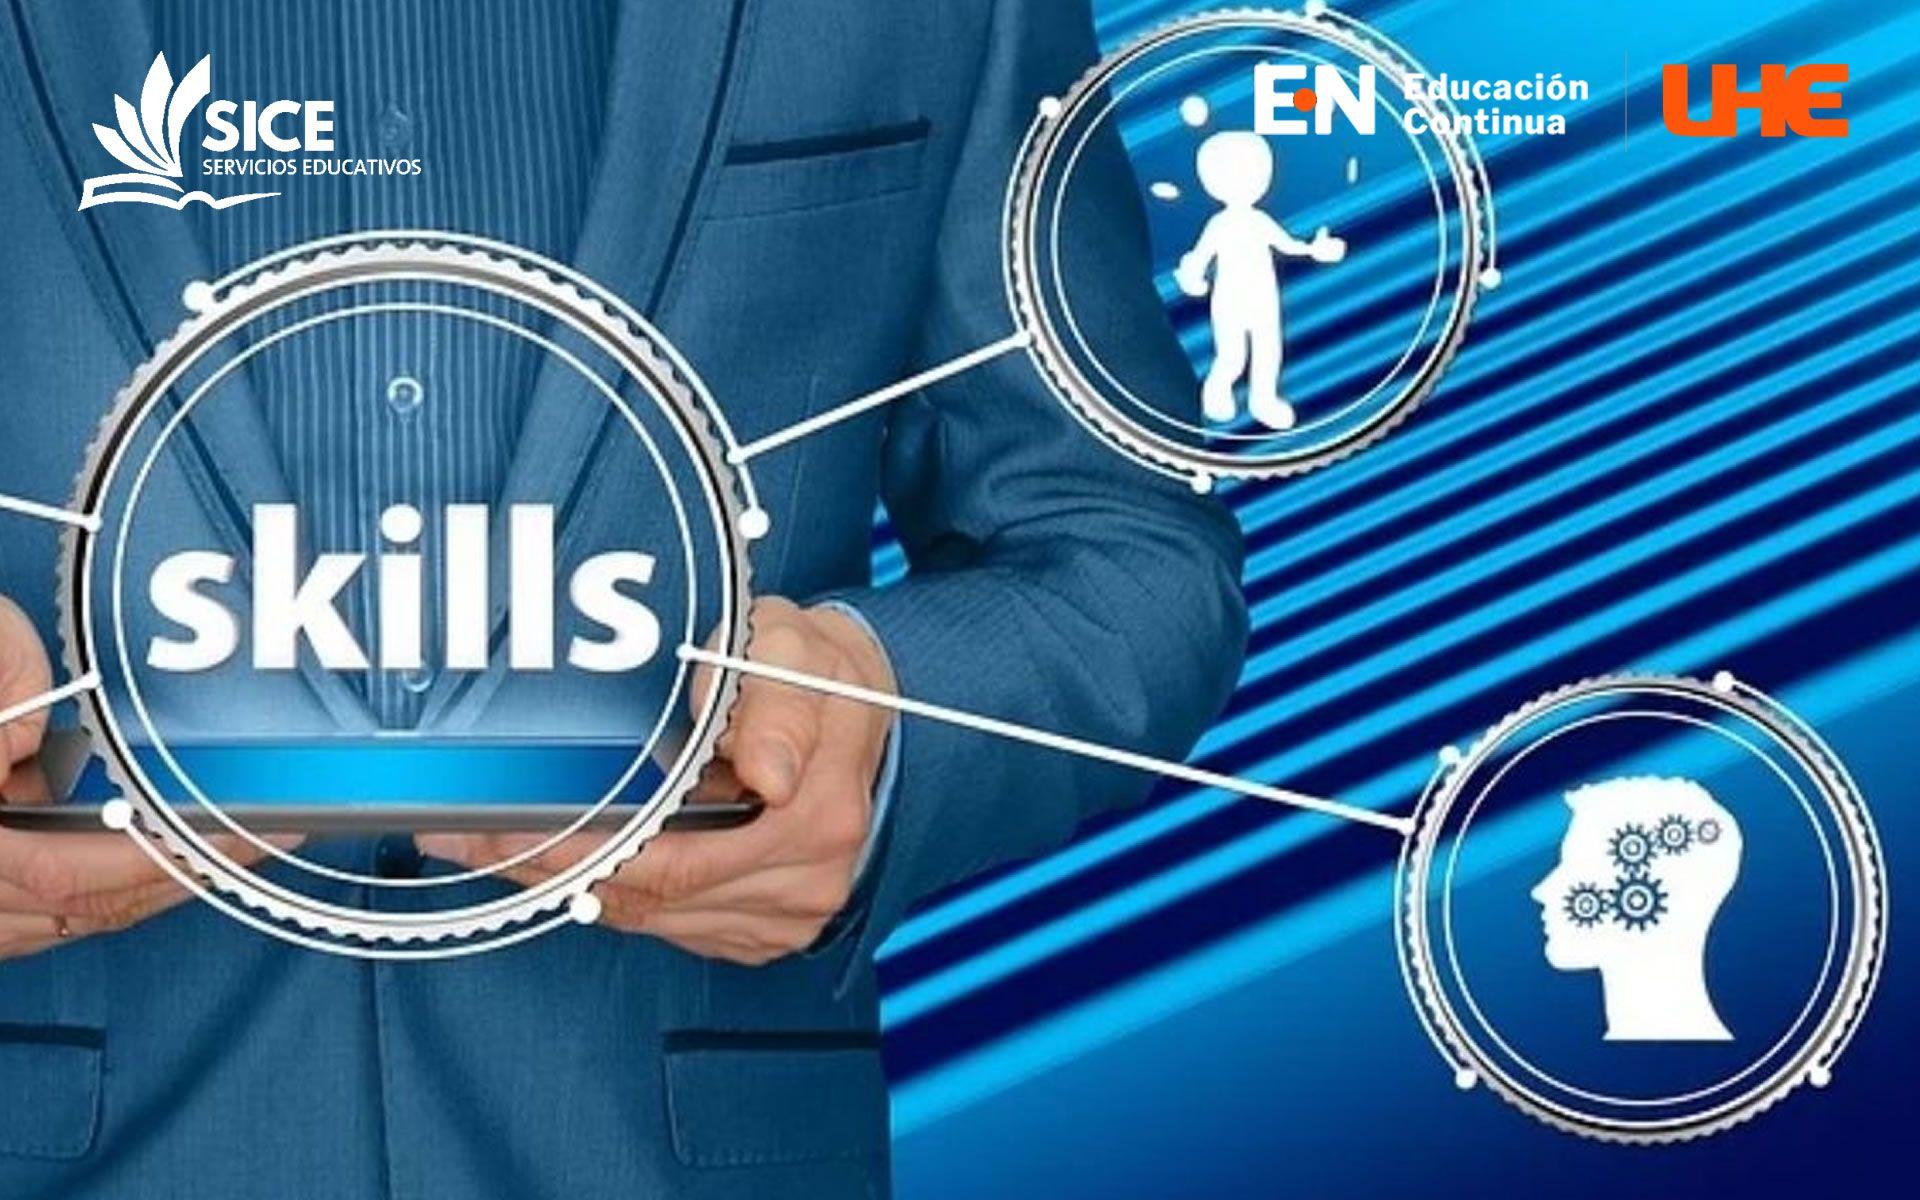 Certificación Online Docencia Virtual III: Educación 4.0 y las Habilidades del Siglo XXI